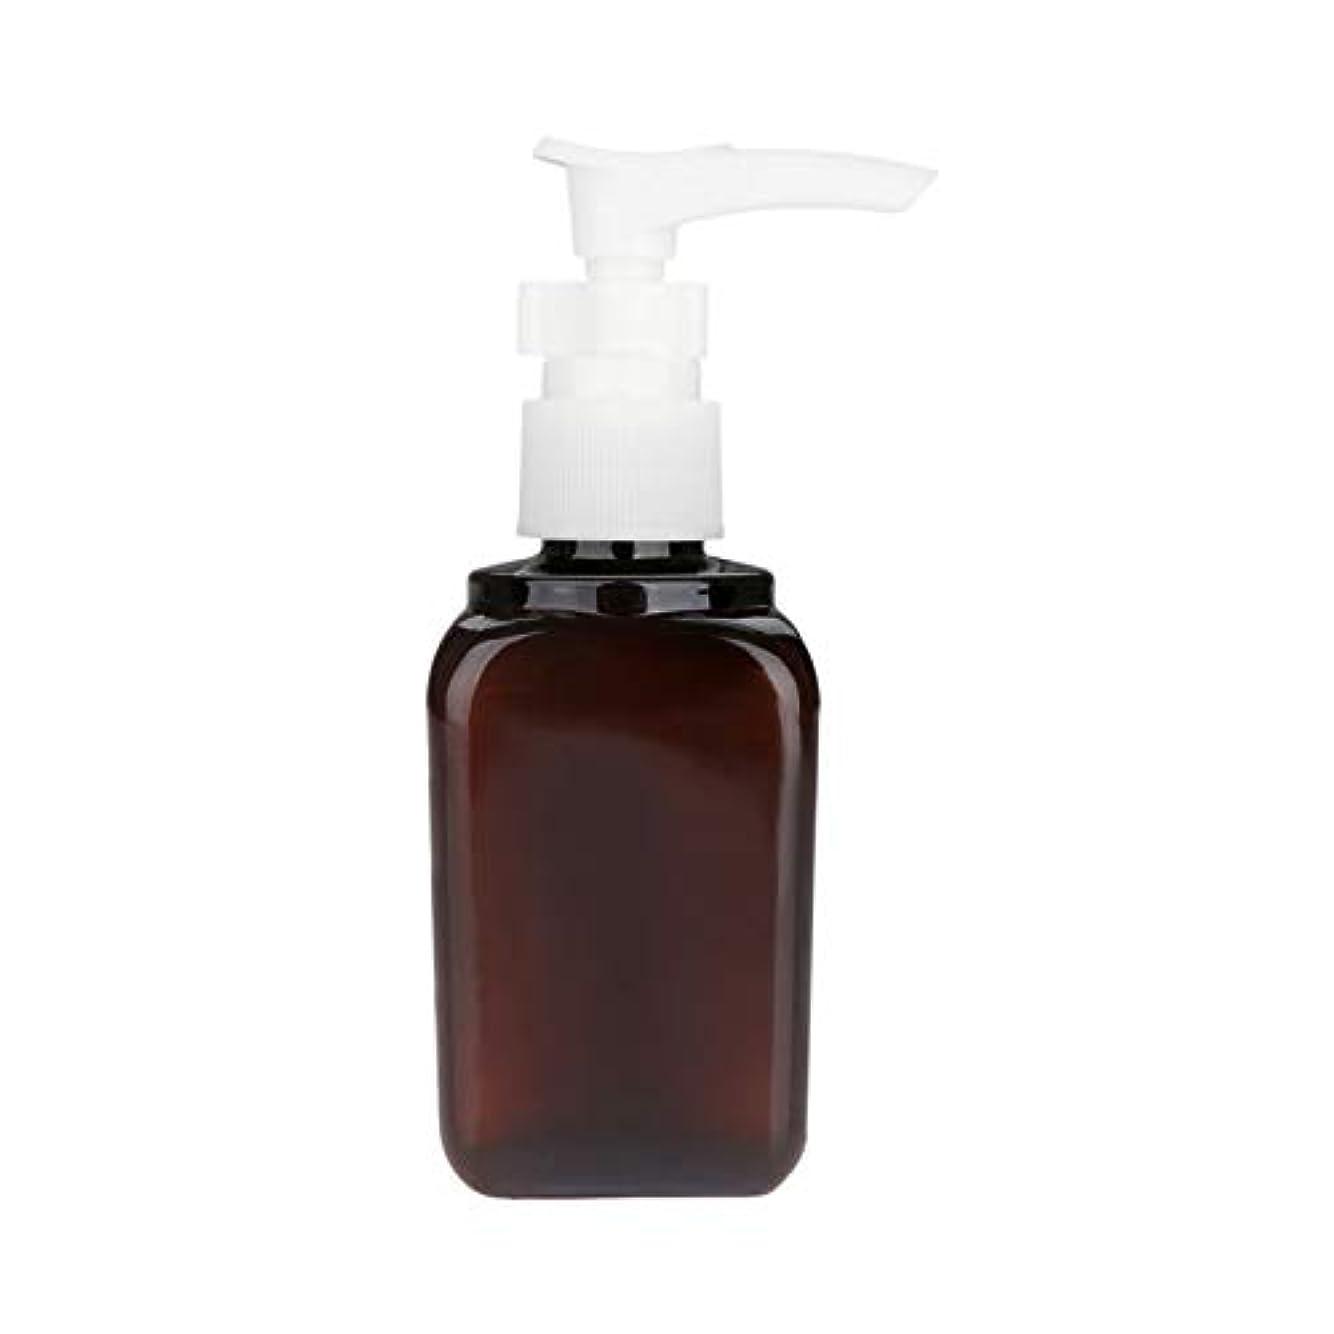 知り合いになる僕の意外10本 押し式ボトル ポンプ瓶 ポンプボトル 遮光瓶 ドロップポンプ 泡立て 詰め替え シャンプーハンドソープ 茶色 PET製